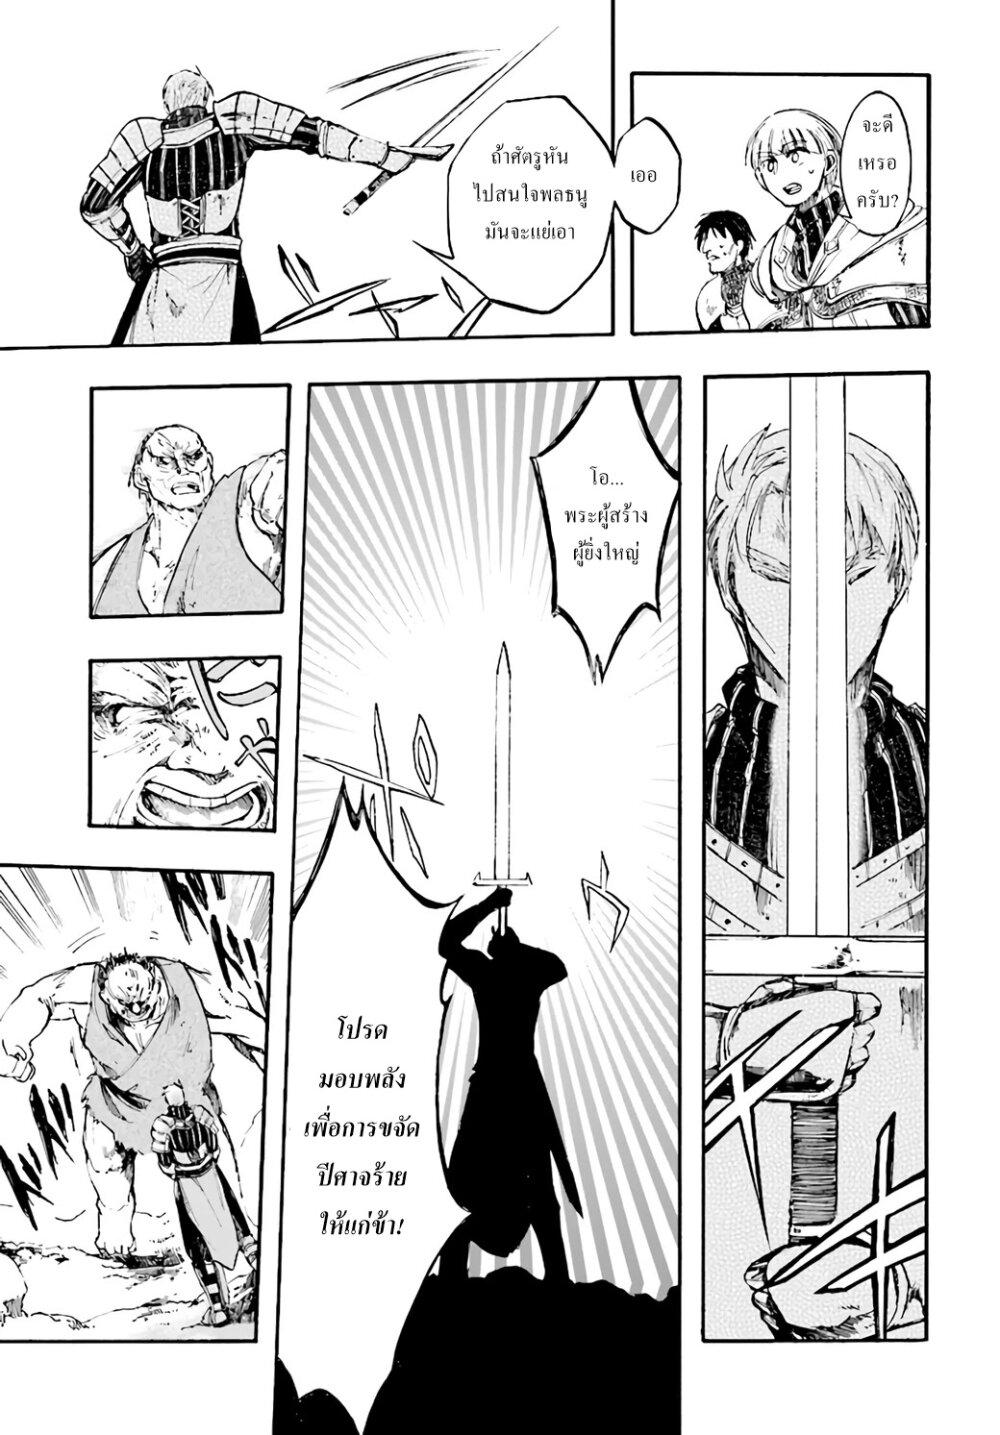 อ่านการ์ตูน Isekai Apocalypse MYNOGHRA ~The Conquest of the World Starts With the Civilization of Ruin~ ตอนที่ 6 หน้าที่ 26